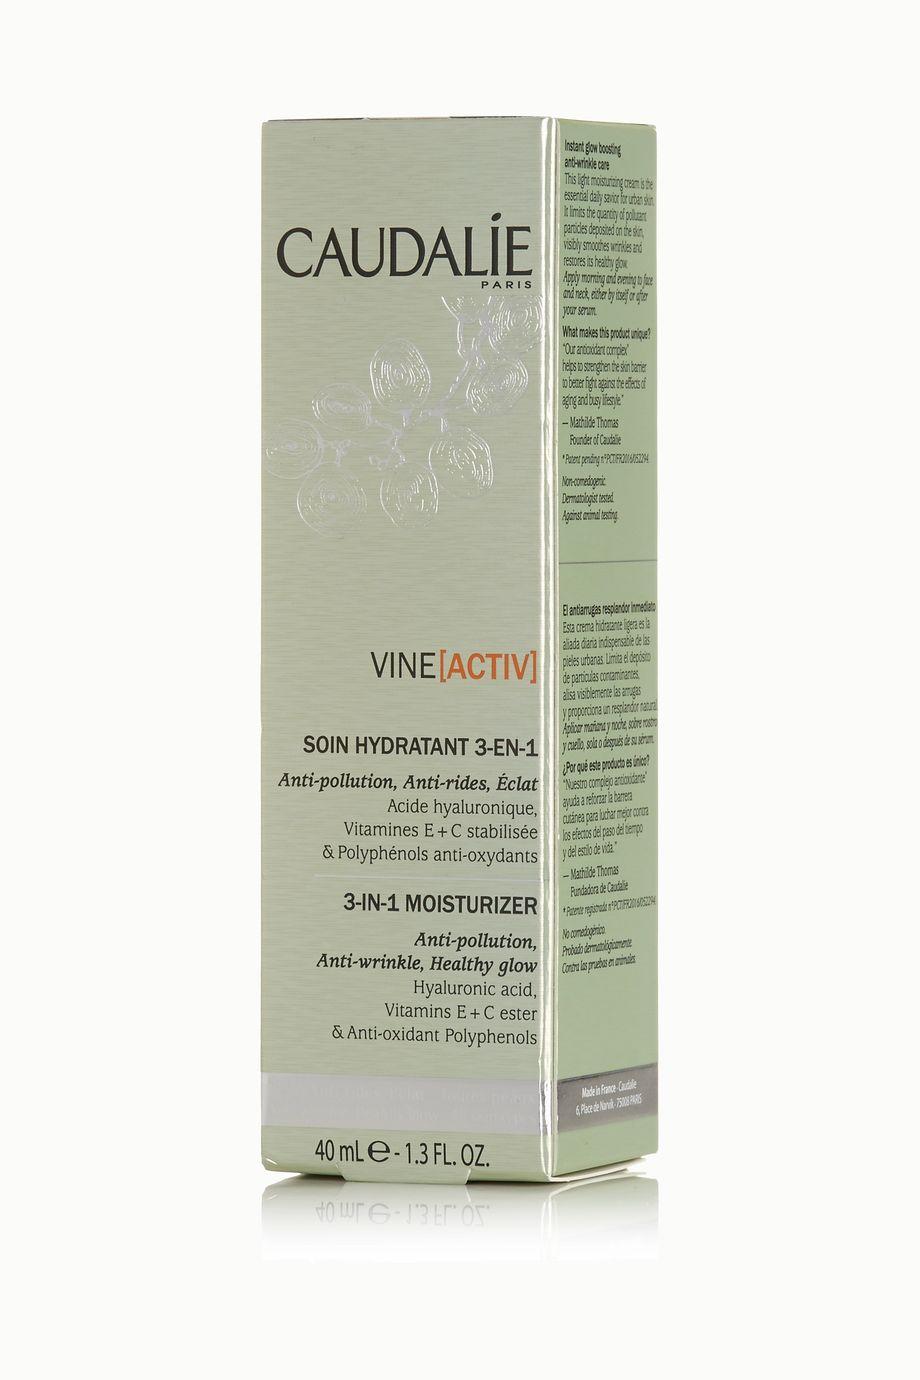 Caudalie VineActiv 3-in-1 Moisturizer, 40ml